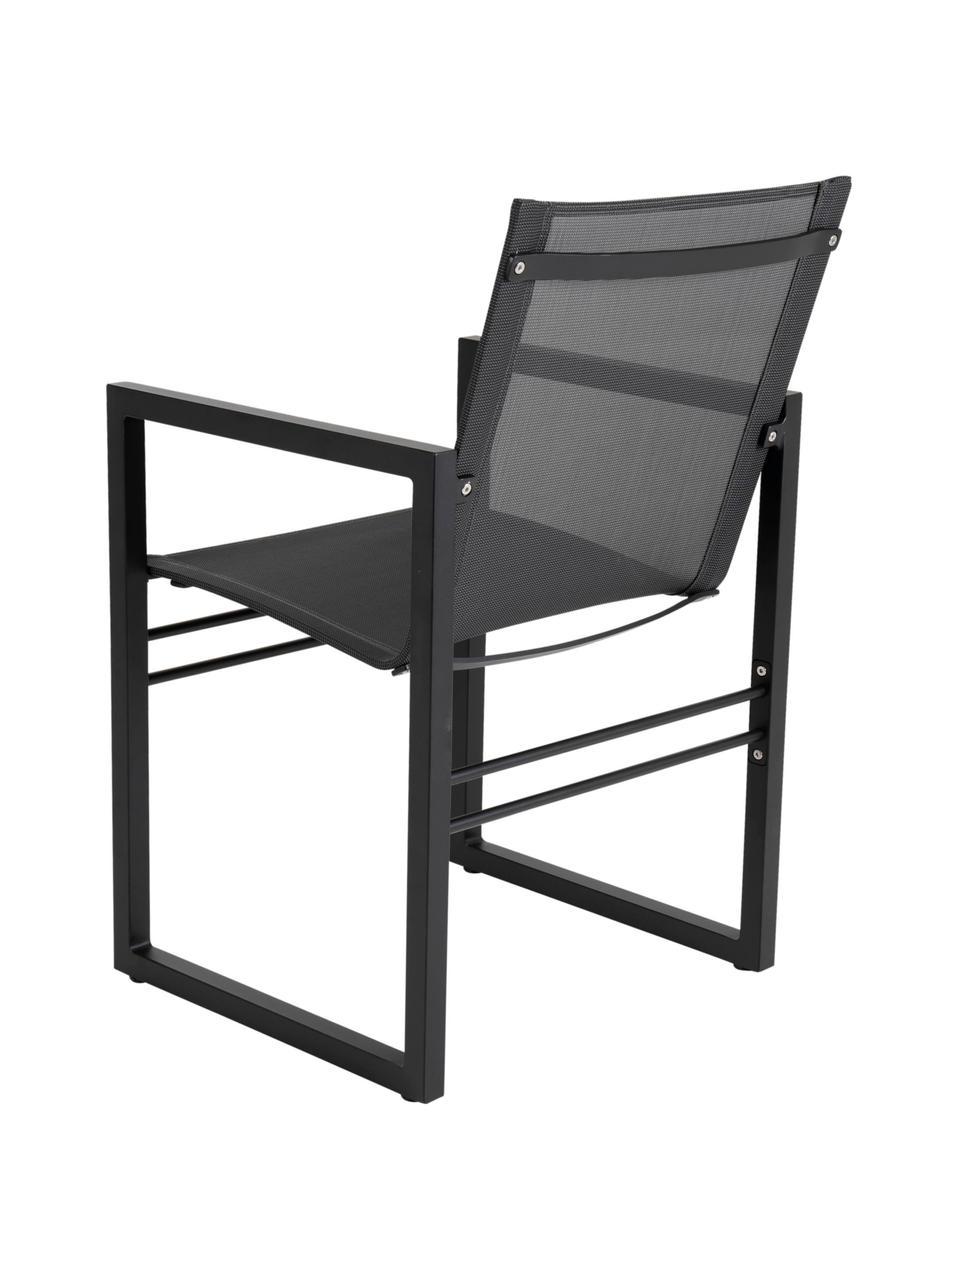 Krzesło ogrodowe Vevi, Stelaż: aluminium malowane proszk, Czarny, S 57 x G 54 cm